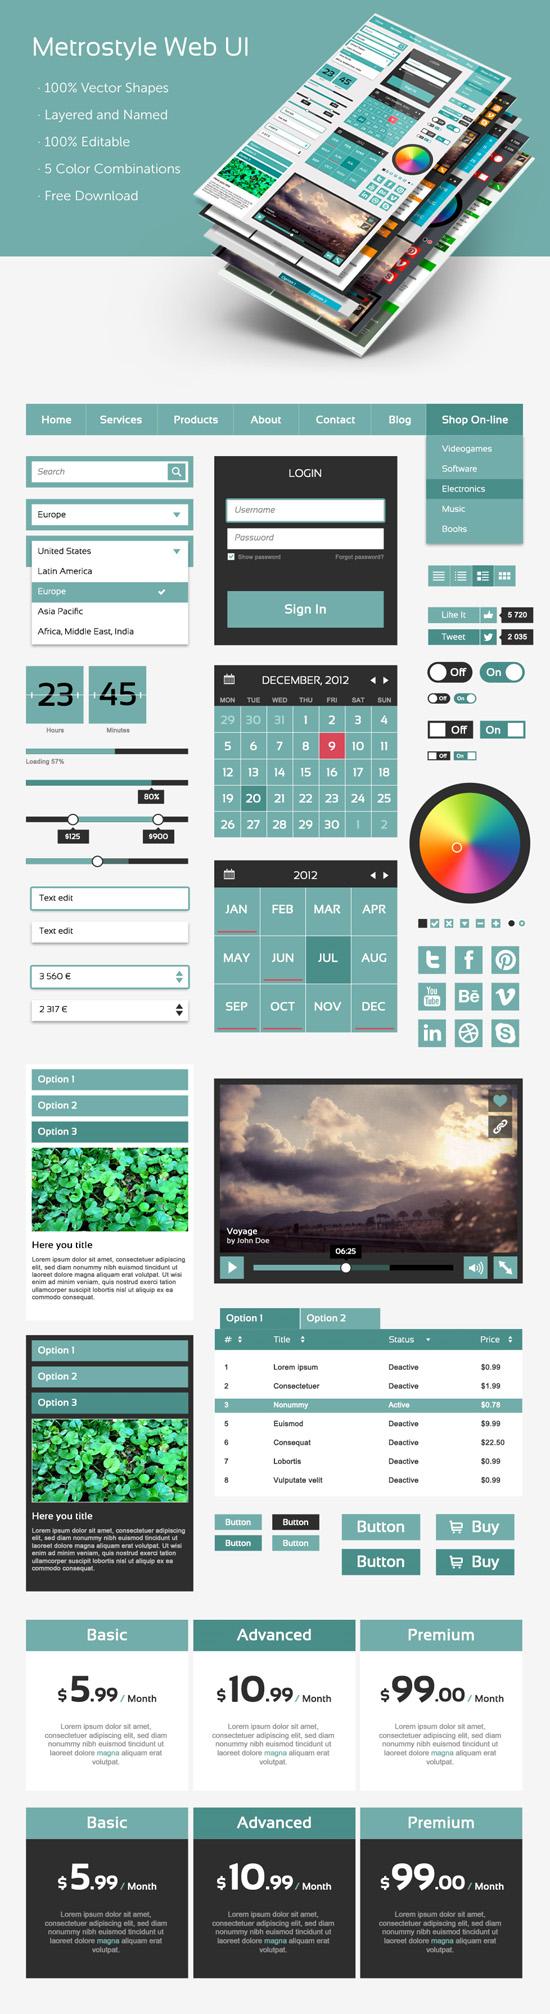 Metro Web UI Kit